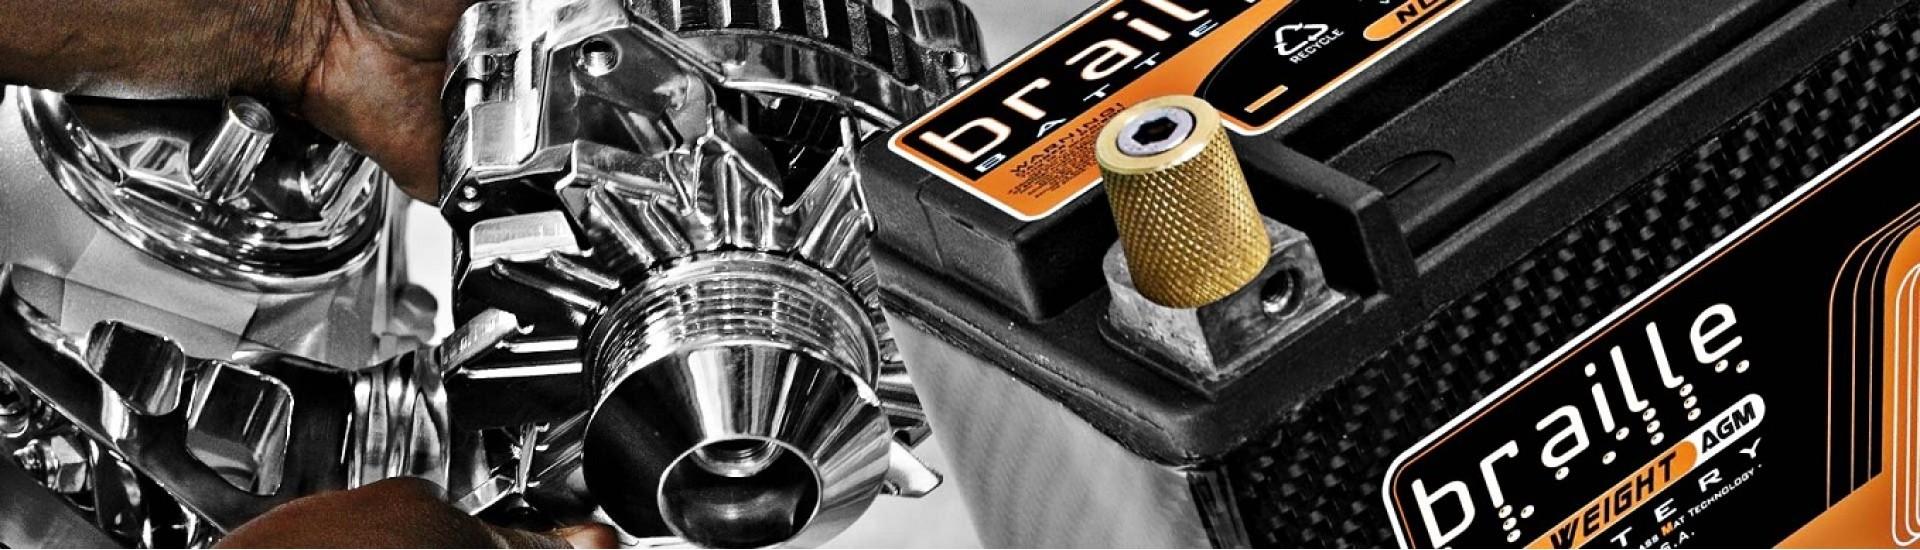 استارت و باتری اسپرت  لندویند سری 1